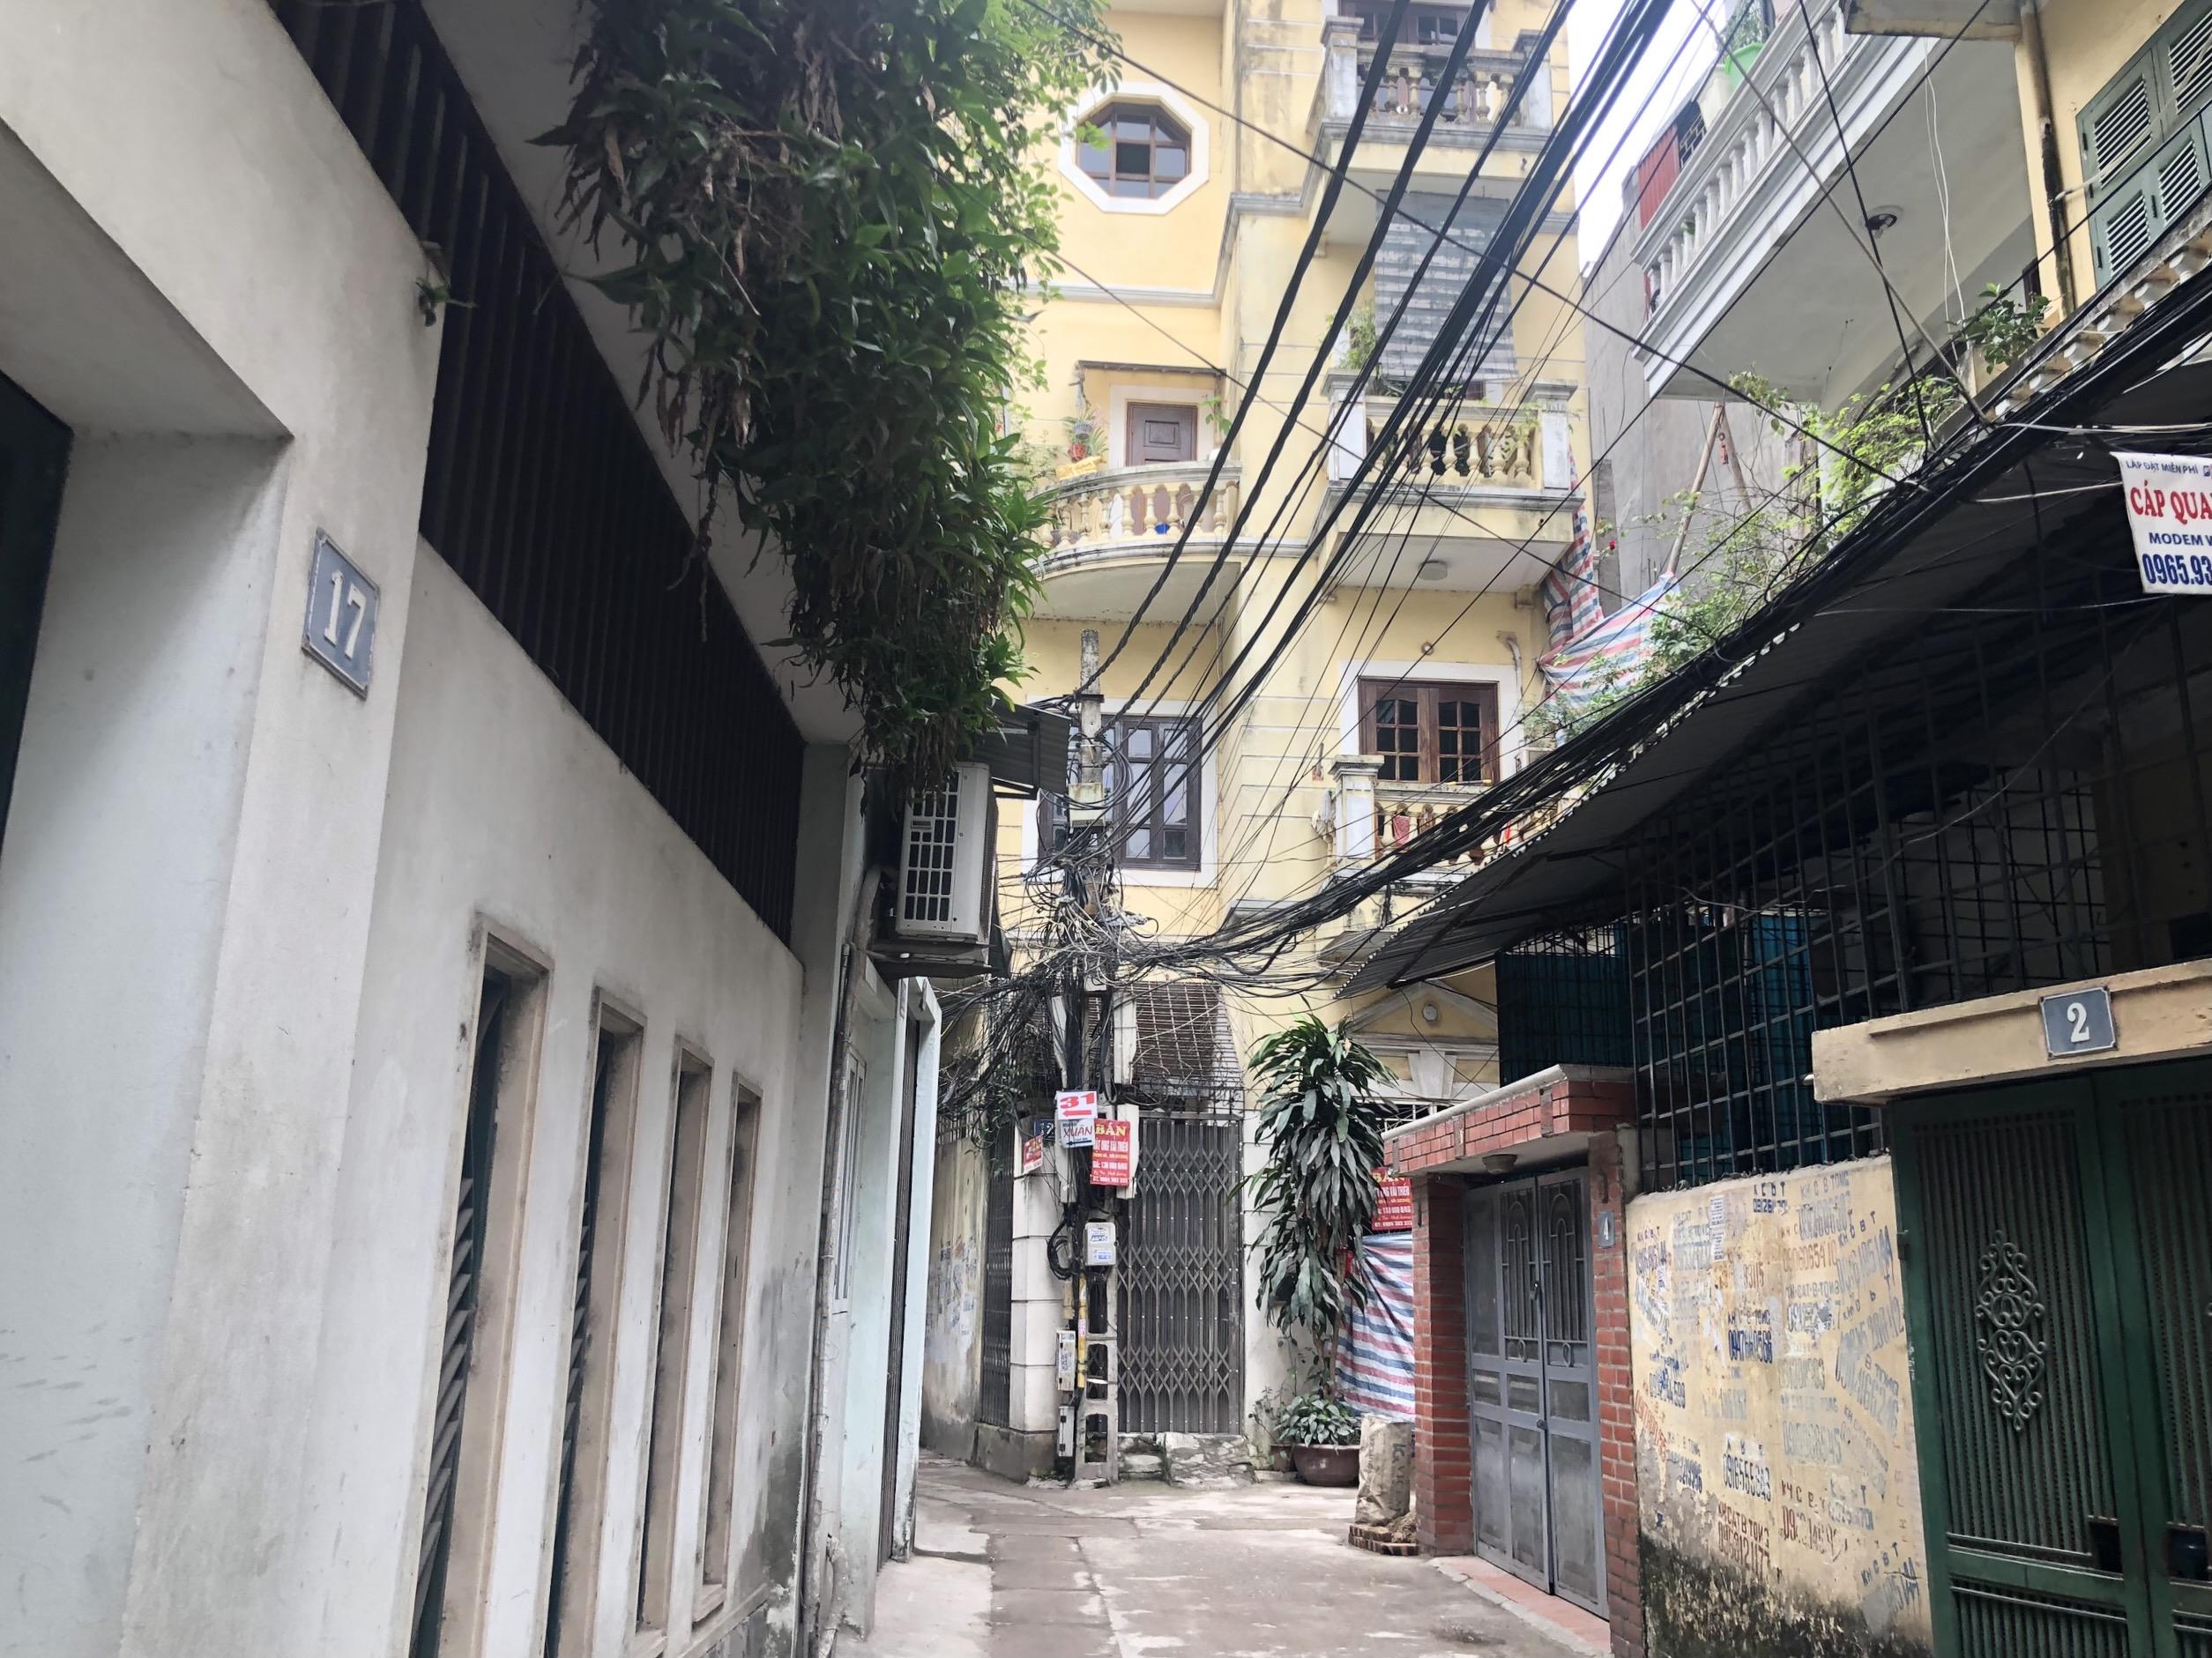 Đường sắp mở theo quy hoạch ở phường Ngọc Hà, Ba Đình, Hà Nội (phần 3): Hai đường nối Đội Cấn - Ngọc Hà  - Ảnh 17.